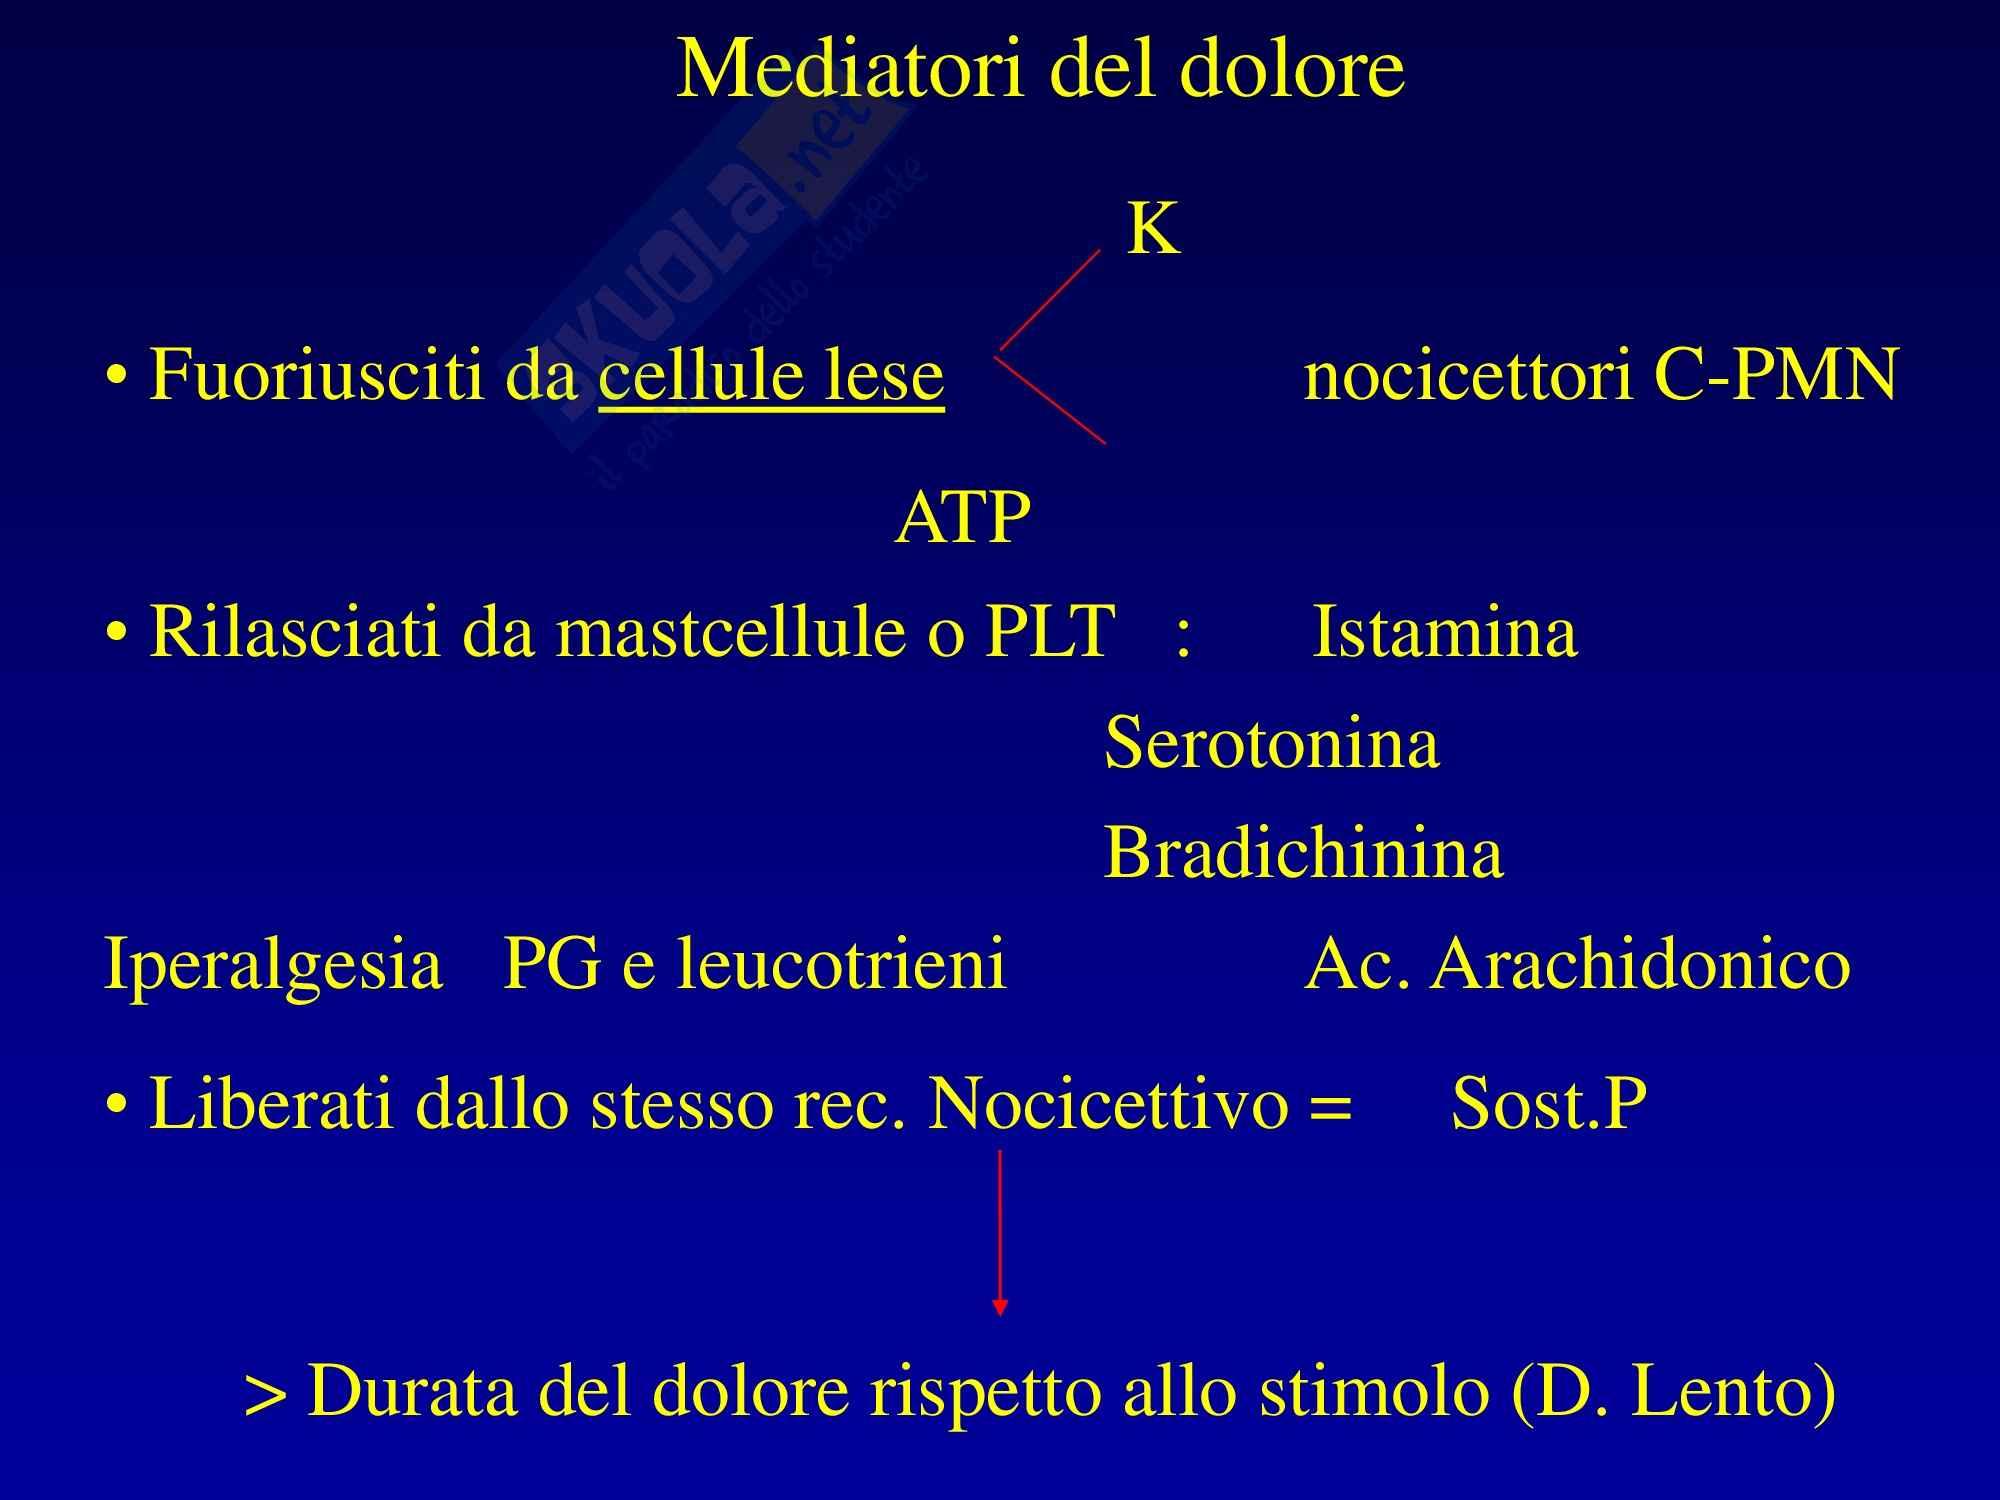 Anestesia - Mediatori del dolore